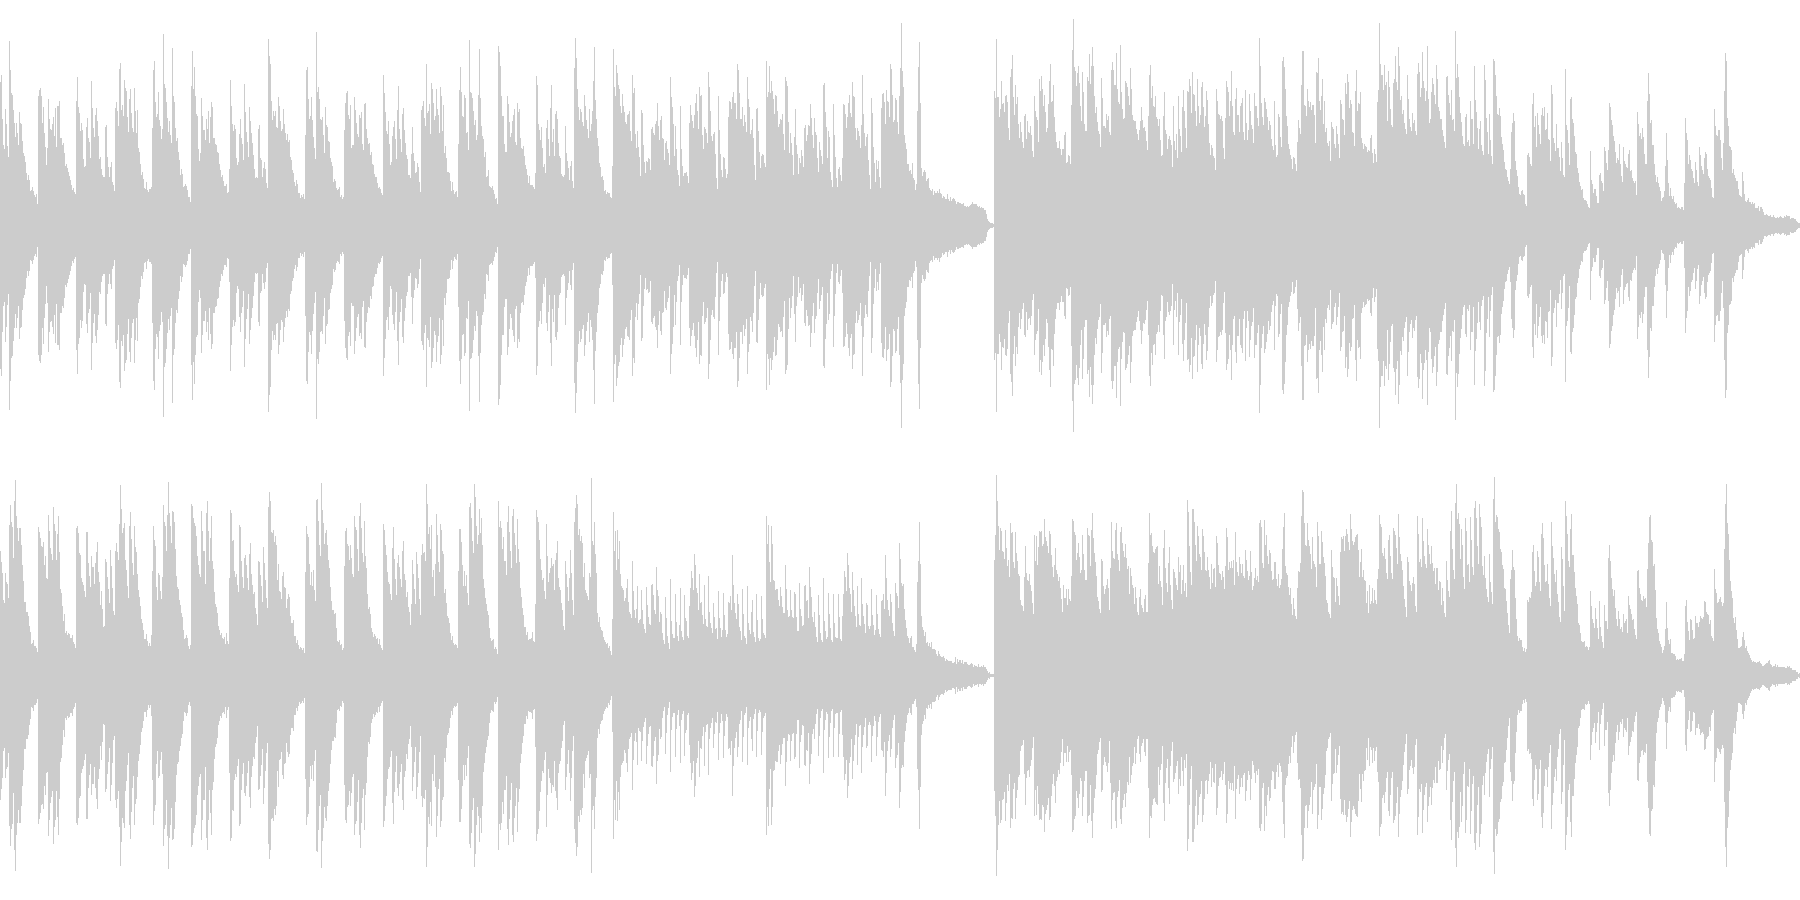 静謐な和風曲・ピアノソロ(ループ)の未再生の波形